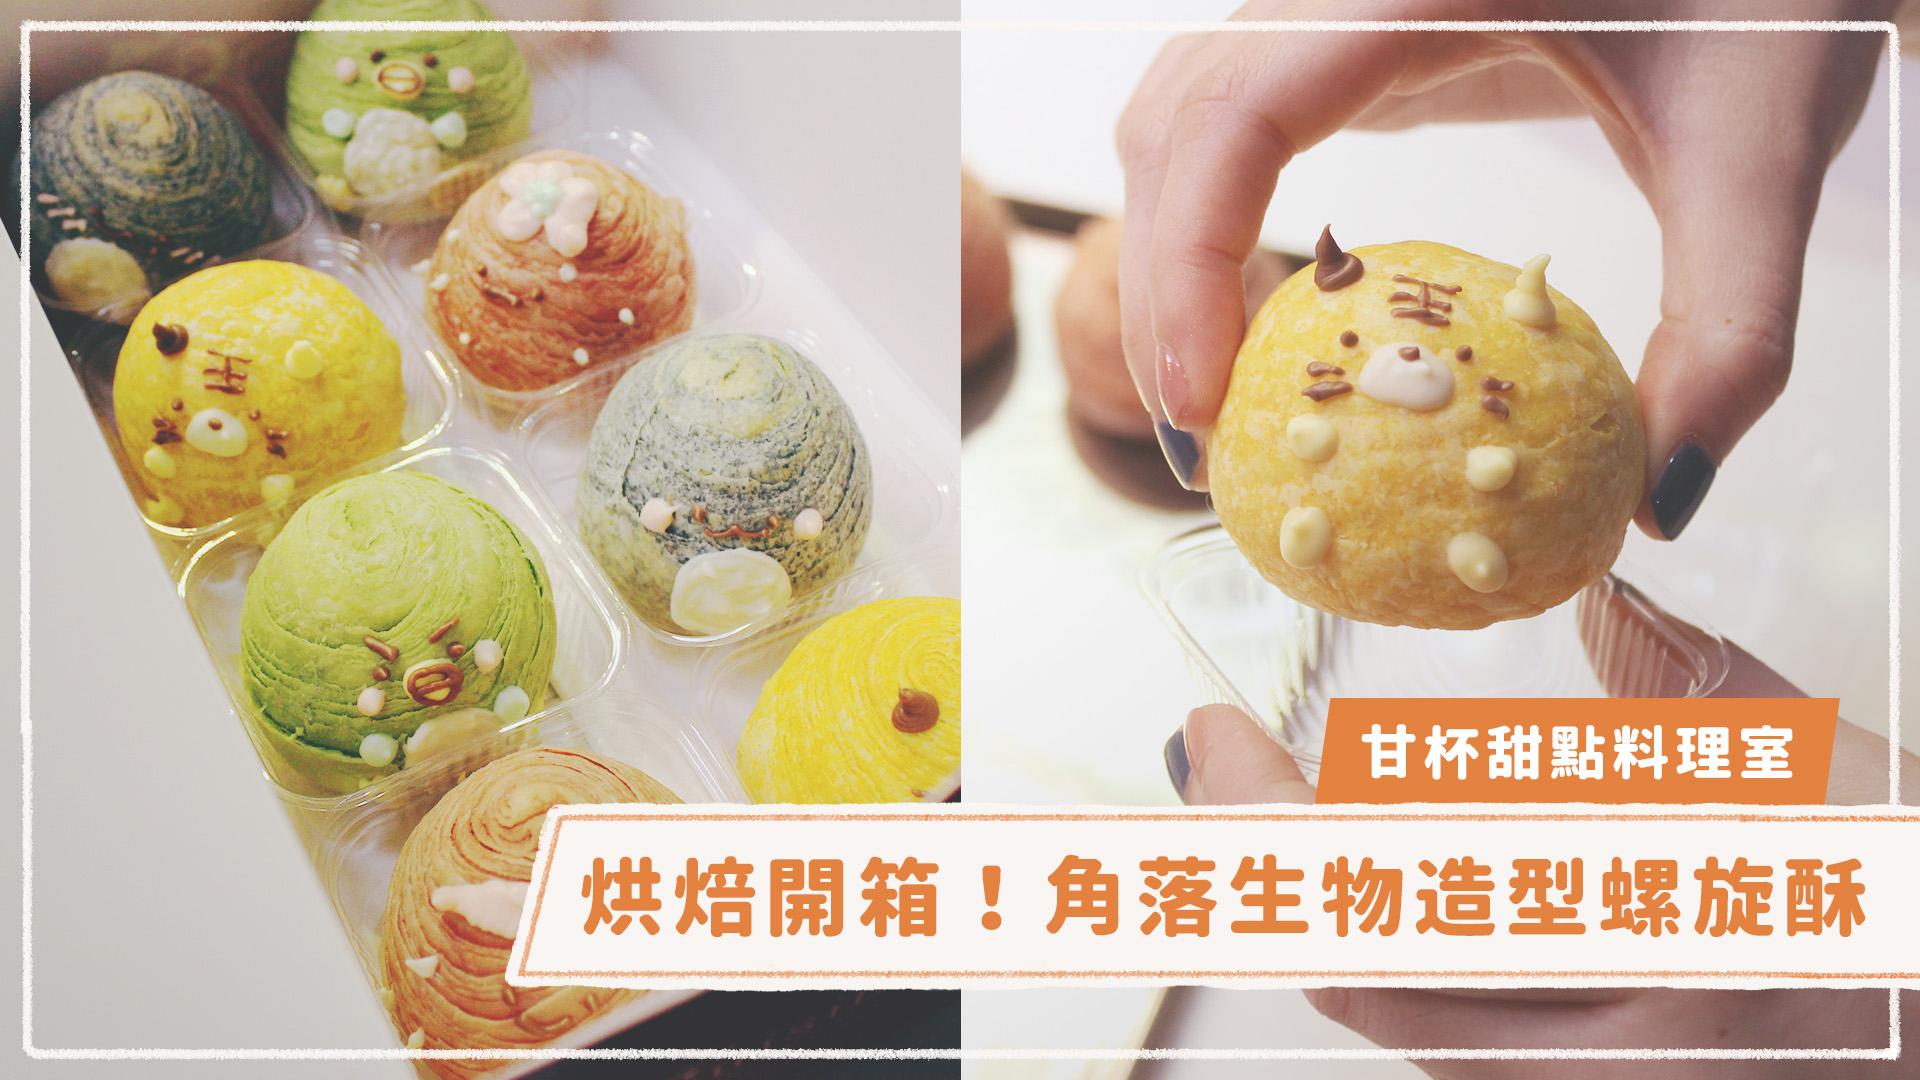 【甘杯甜點料理教室|螺旋酥教學開箱】角落生物造型,中式糕點比你想得簡單!